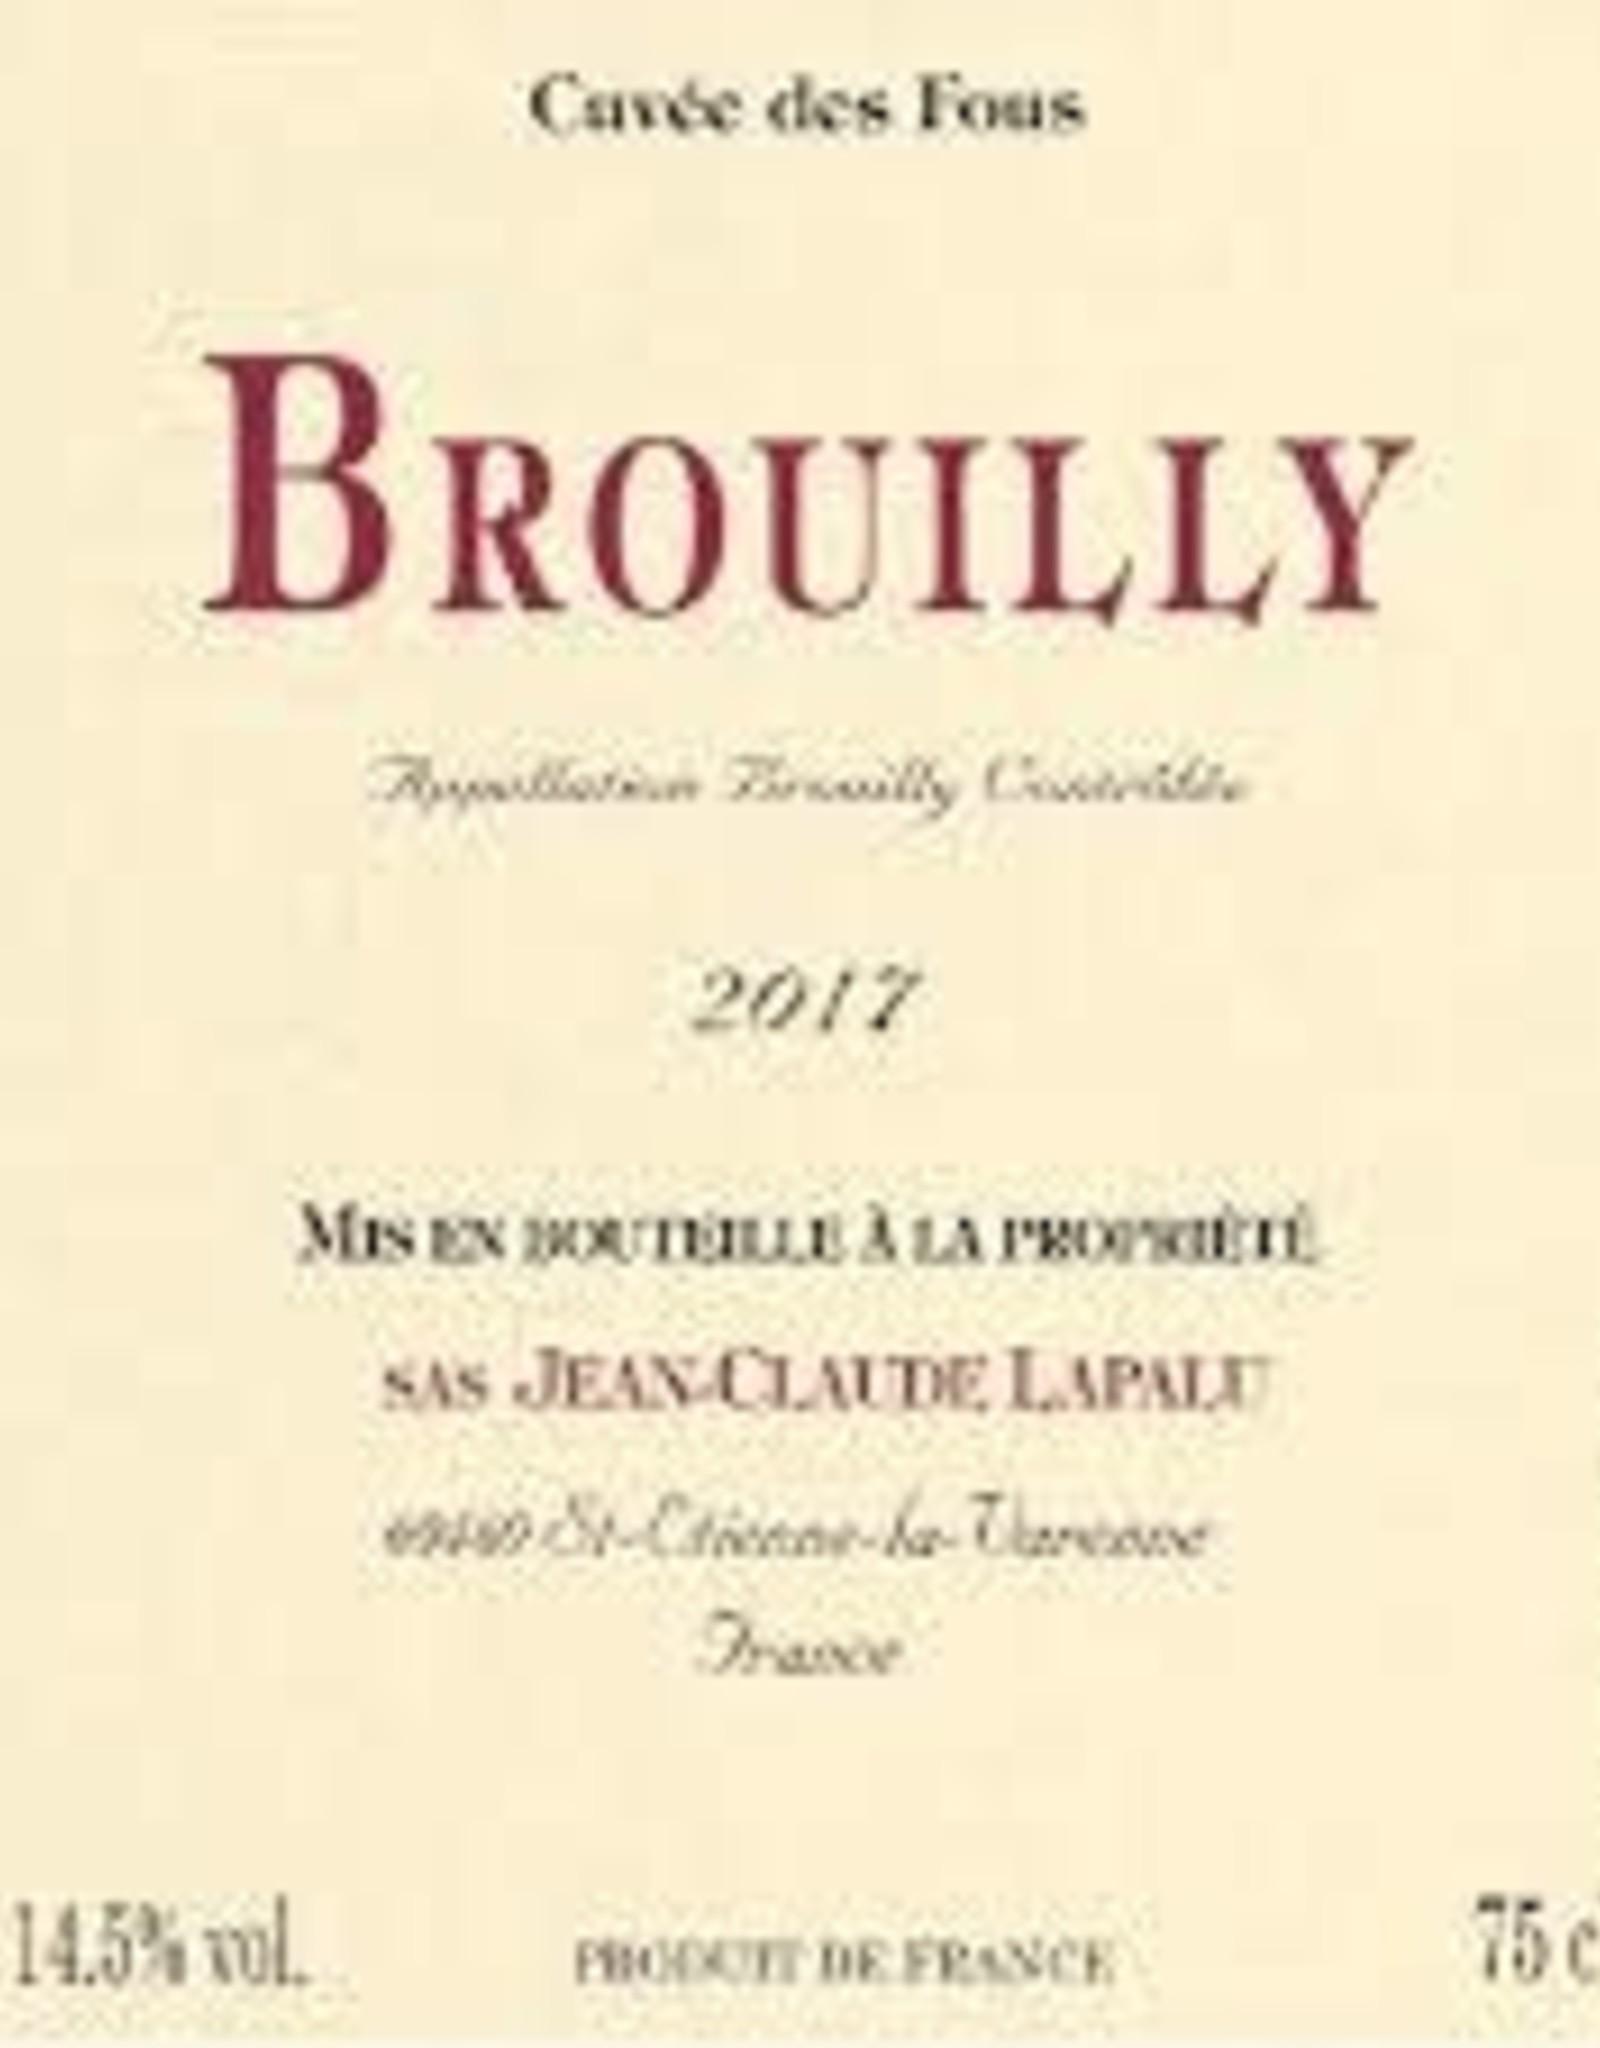 BEAUJOLAIS Brouilly, Clos des Fous, Lapalu 2017